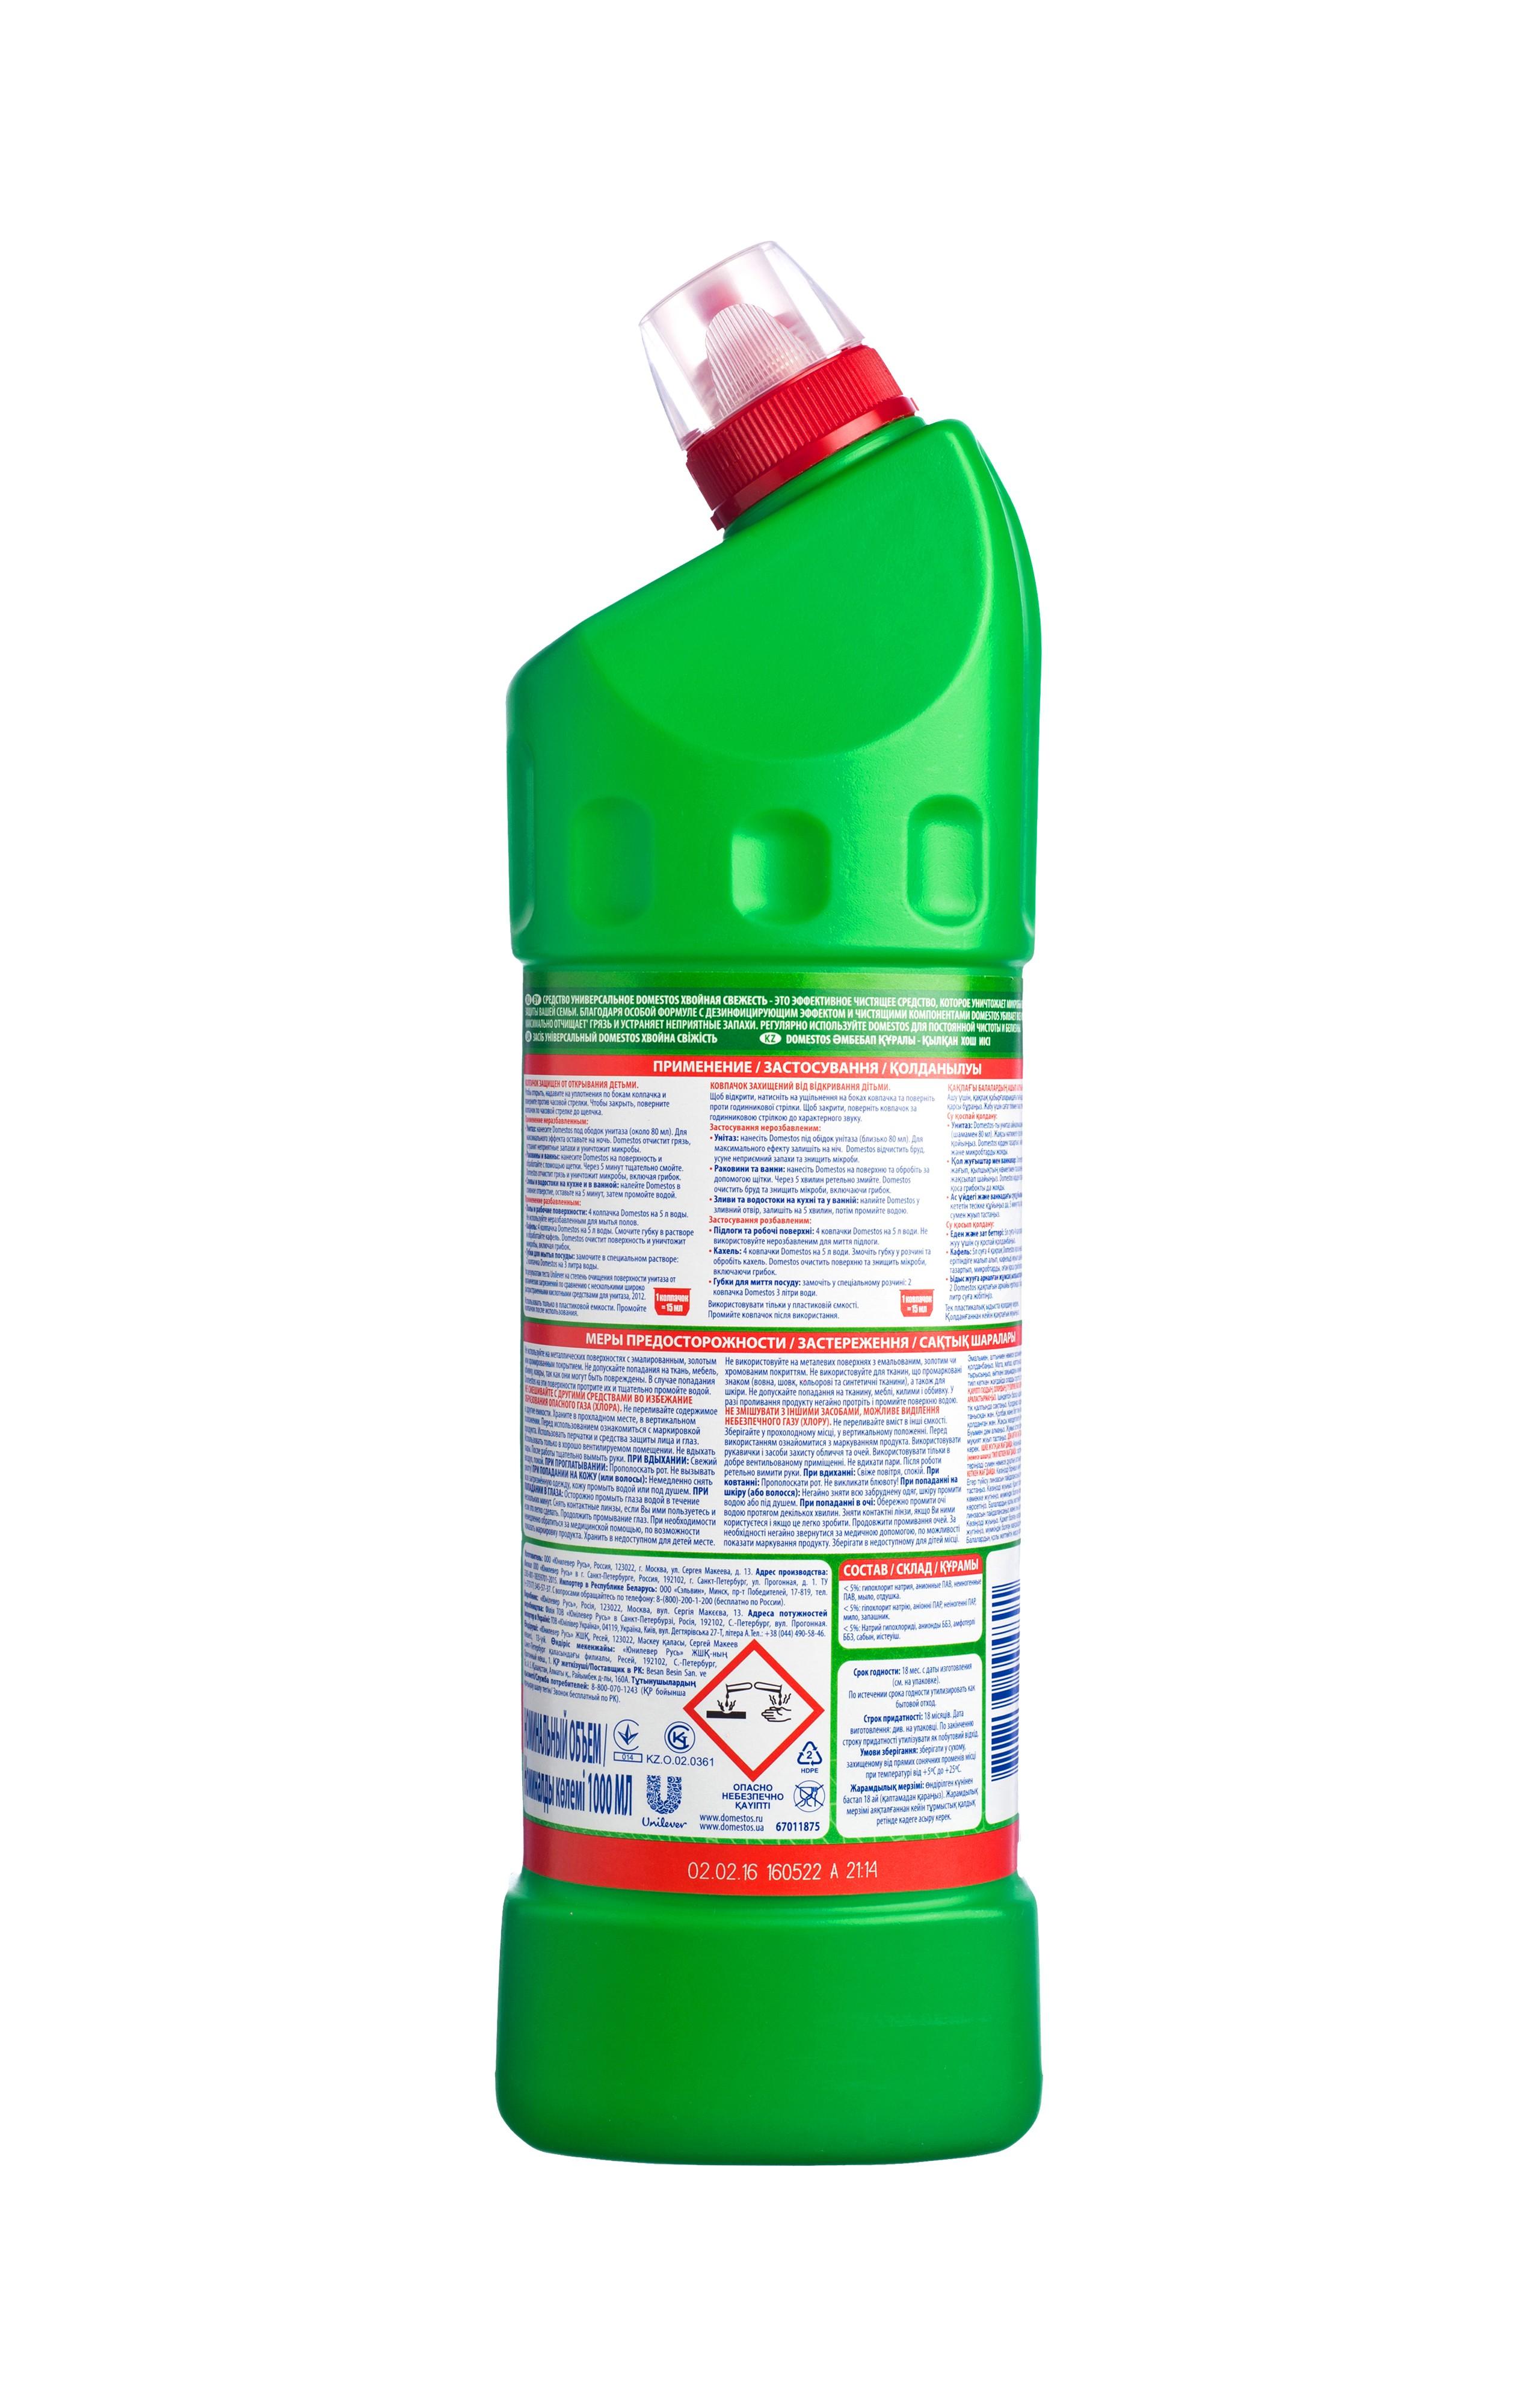 Средство универсальное Domestos Хвойная Свежесть – это эффективное чистящее средство, которое уничтожает микробы во всем доме для защиты вашей семьи.  Благодаря особой формуле с дезинфицирующим эффектом и чистящими компонентами Domestos убивает все известные микробы, максимально отчищает